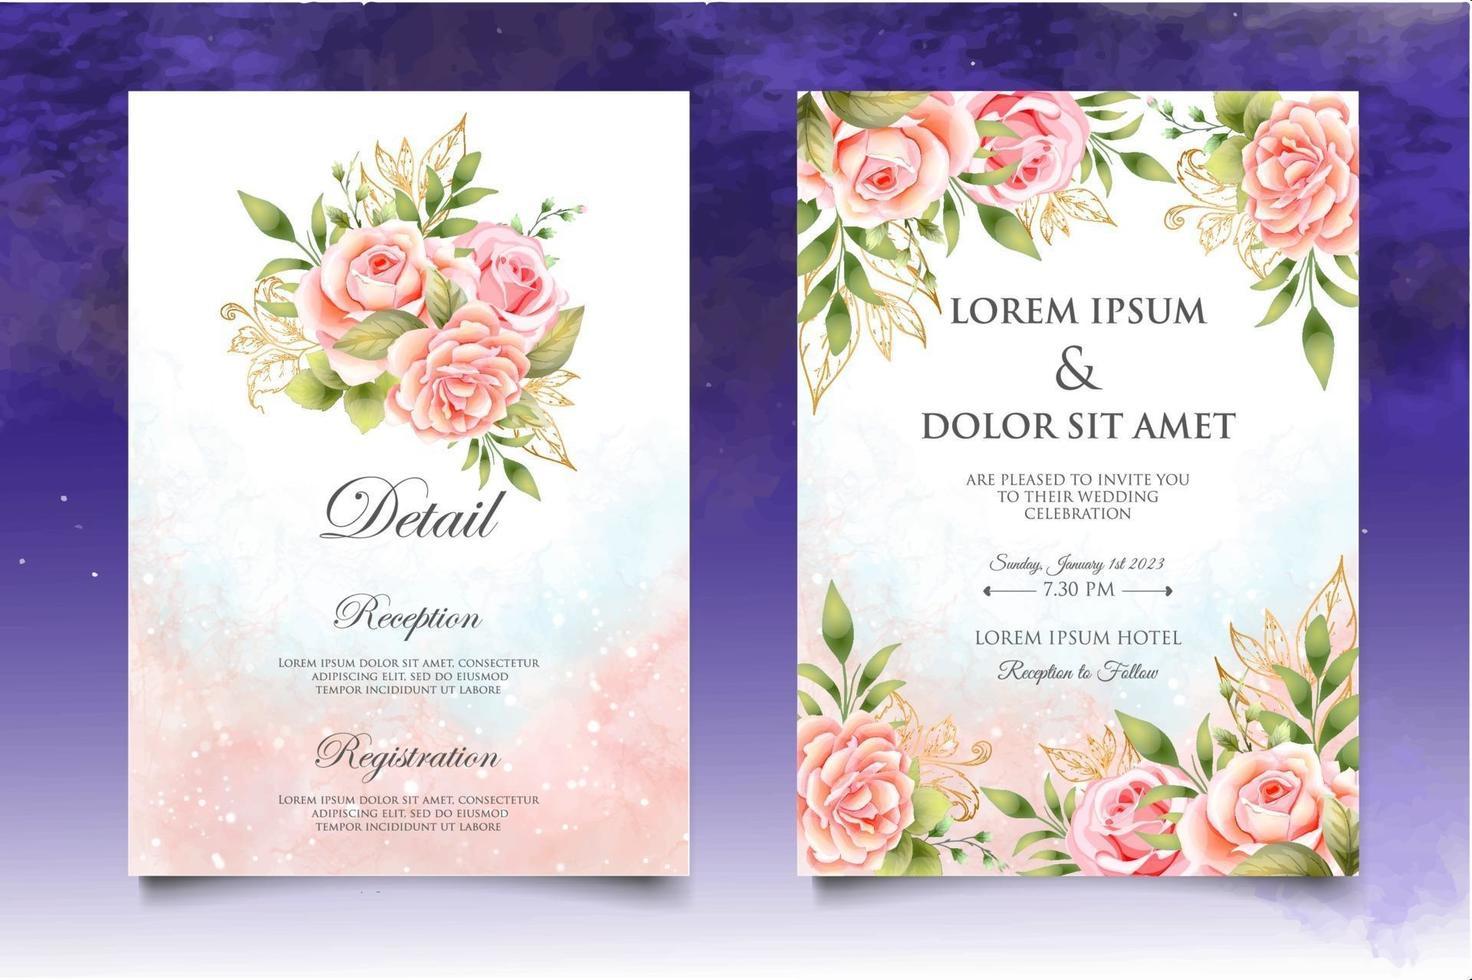 modèle d'invitation de mariage floral beau dessin à la main vecteur